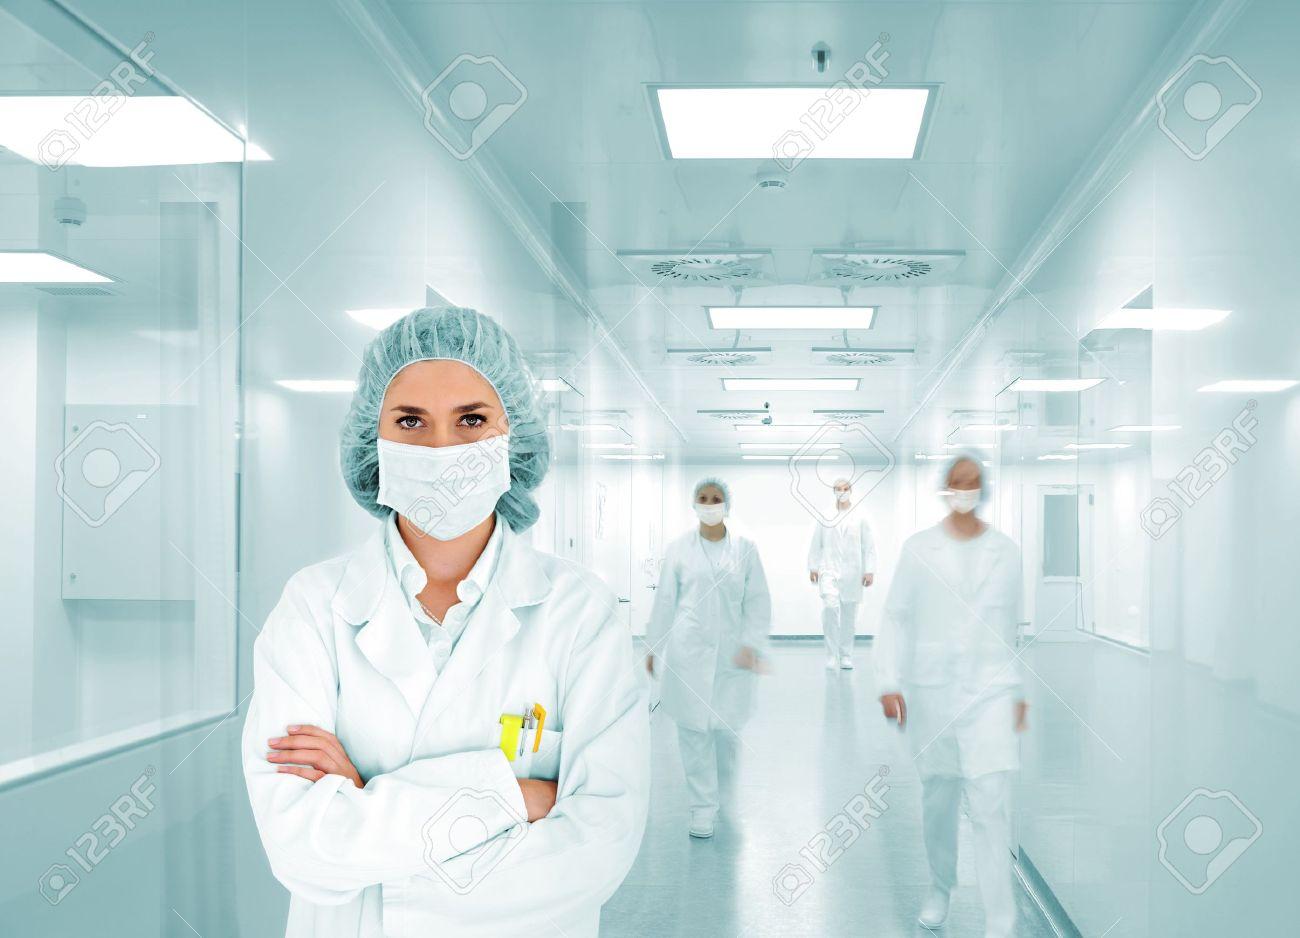 banque dimages les scientifiques de lquipe au laboratoire de lhpital moderne le groupe de mdecins - Hapital Moderne